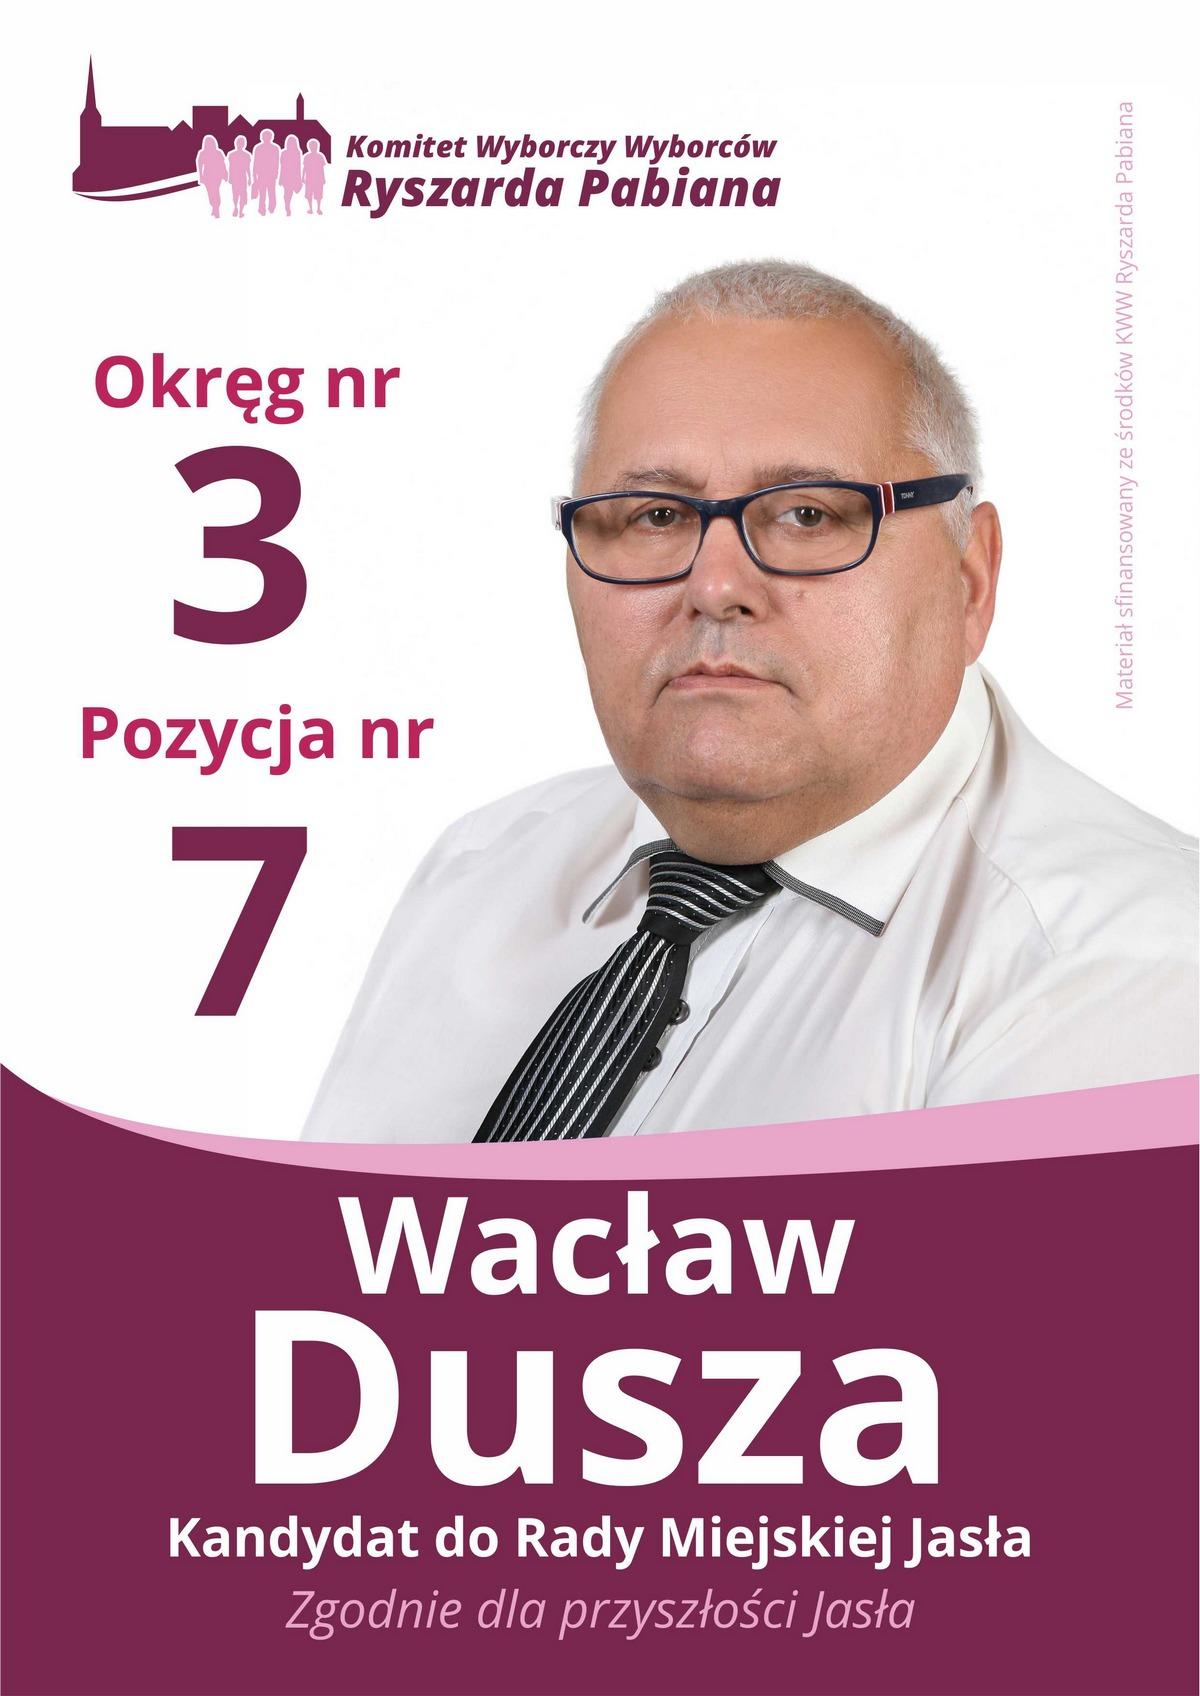 Dusza Wacław